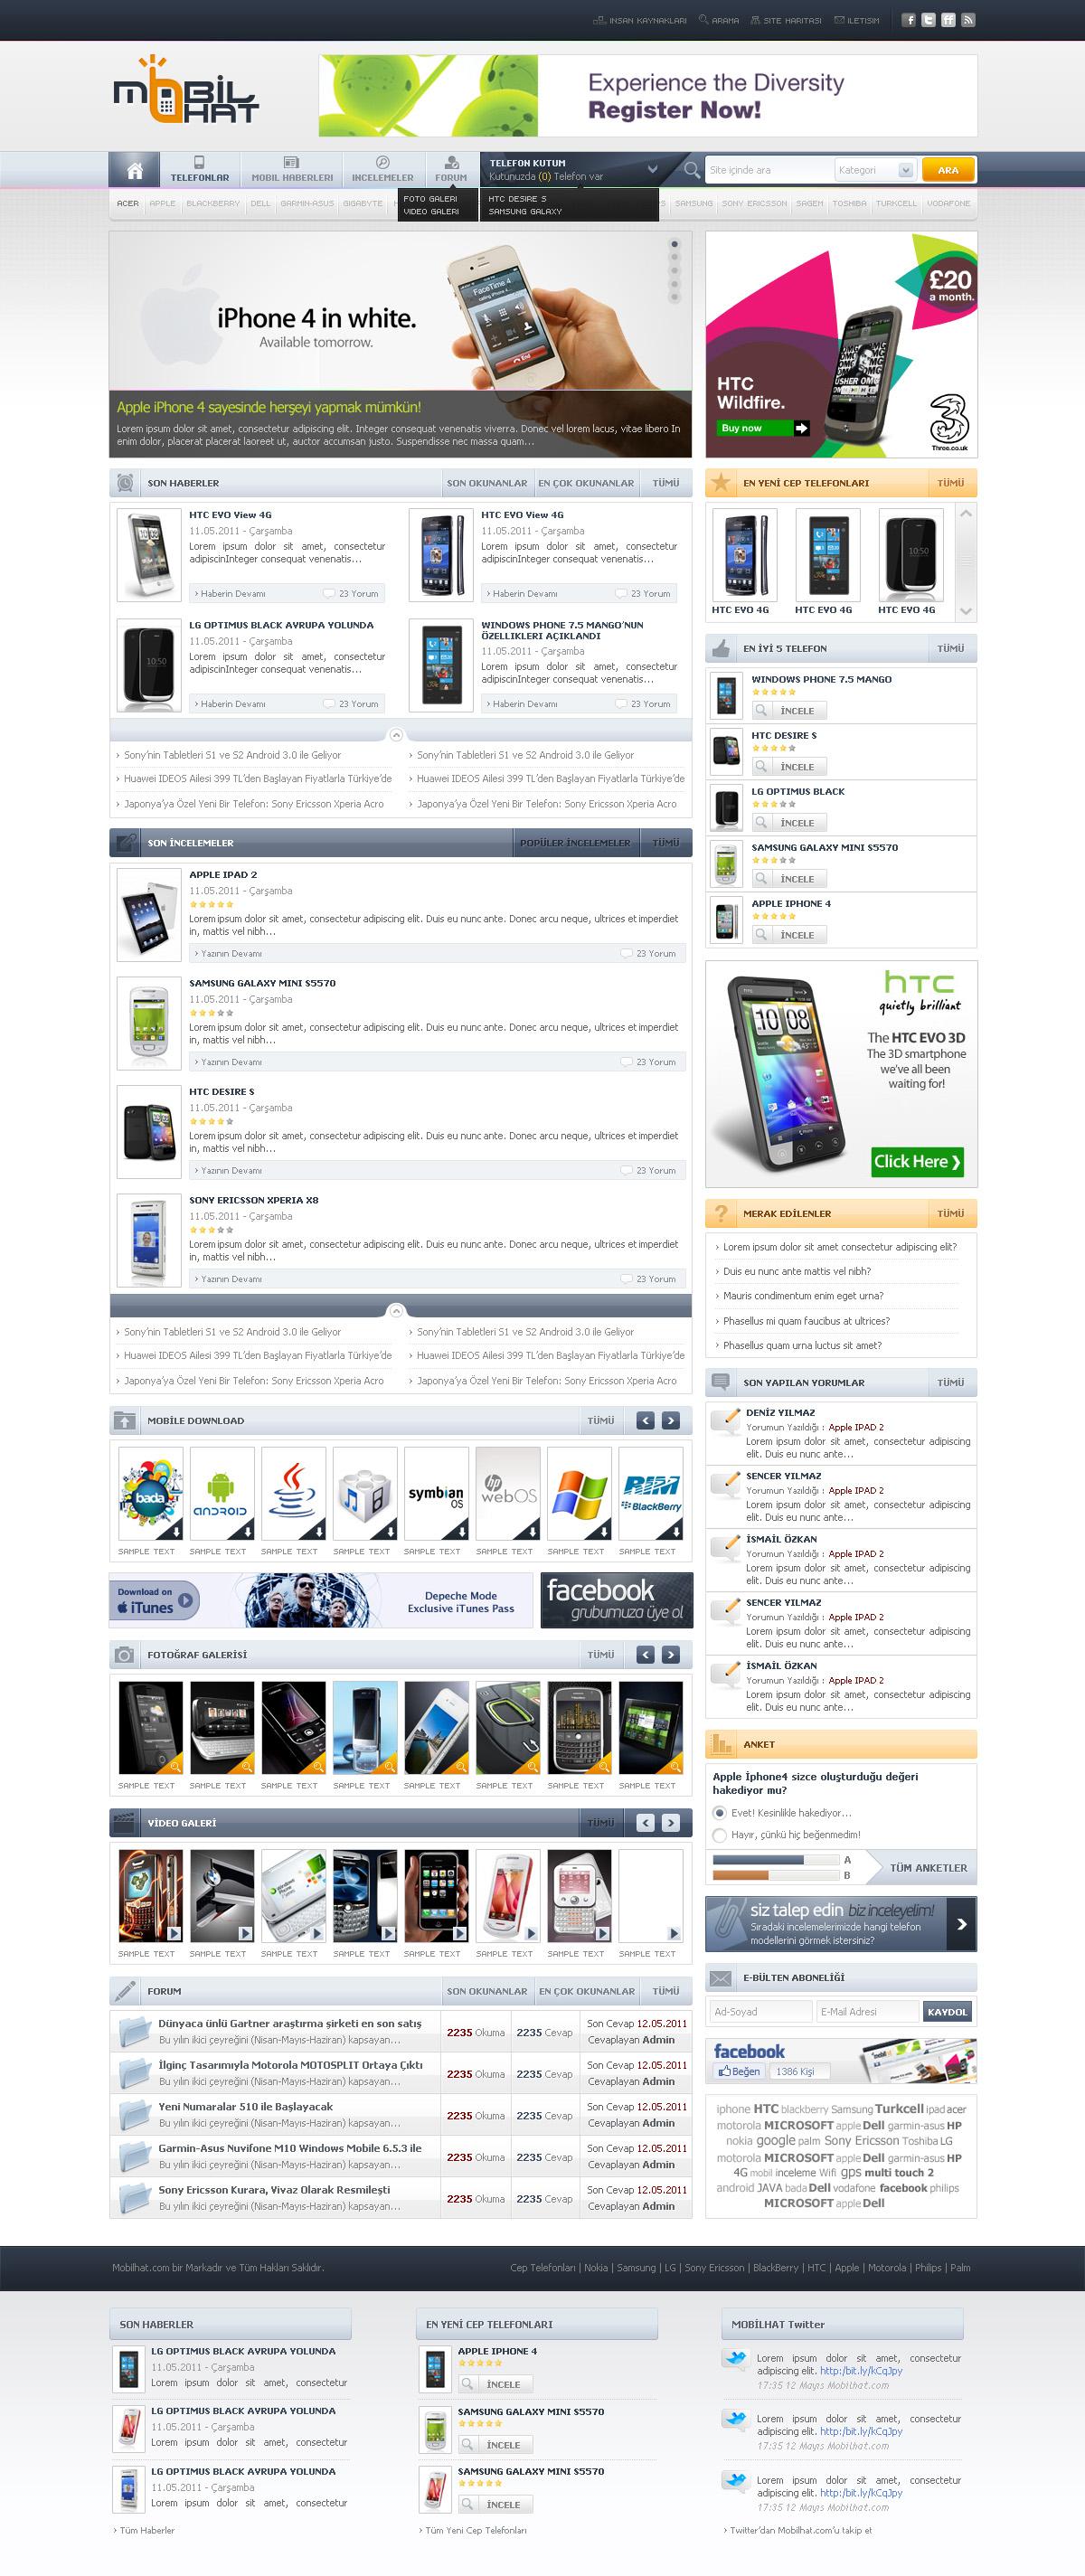 mobilhat.com